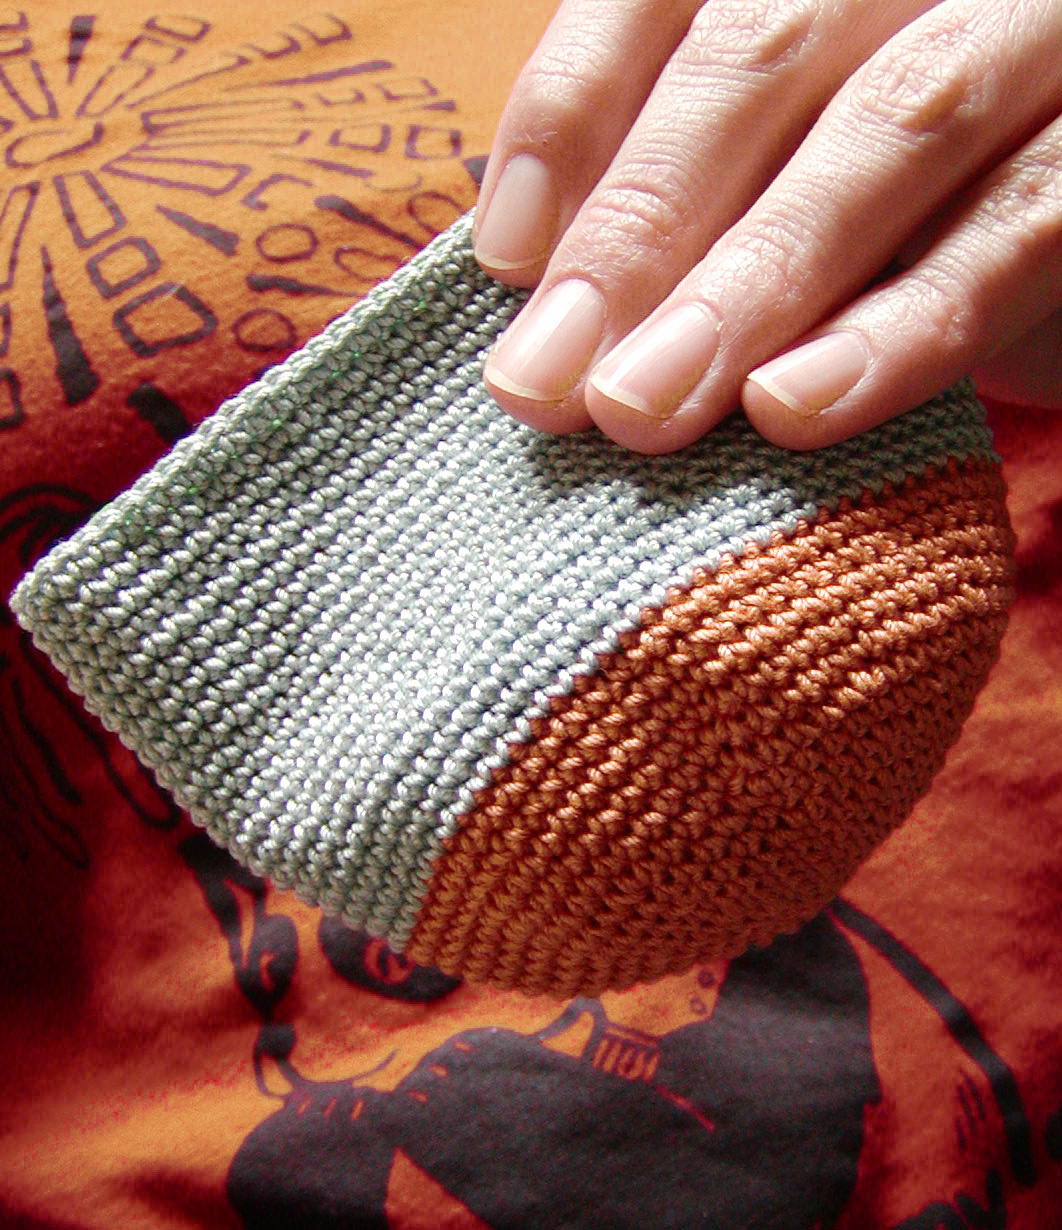 http://midnightknitter.com/blog/wp-content/uploads/2007/04/handy-pouch2.jpg